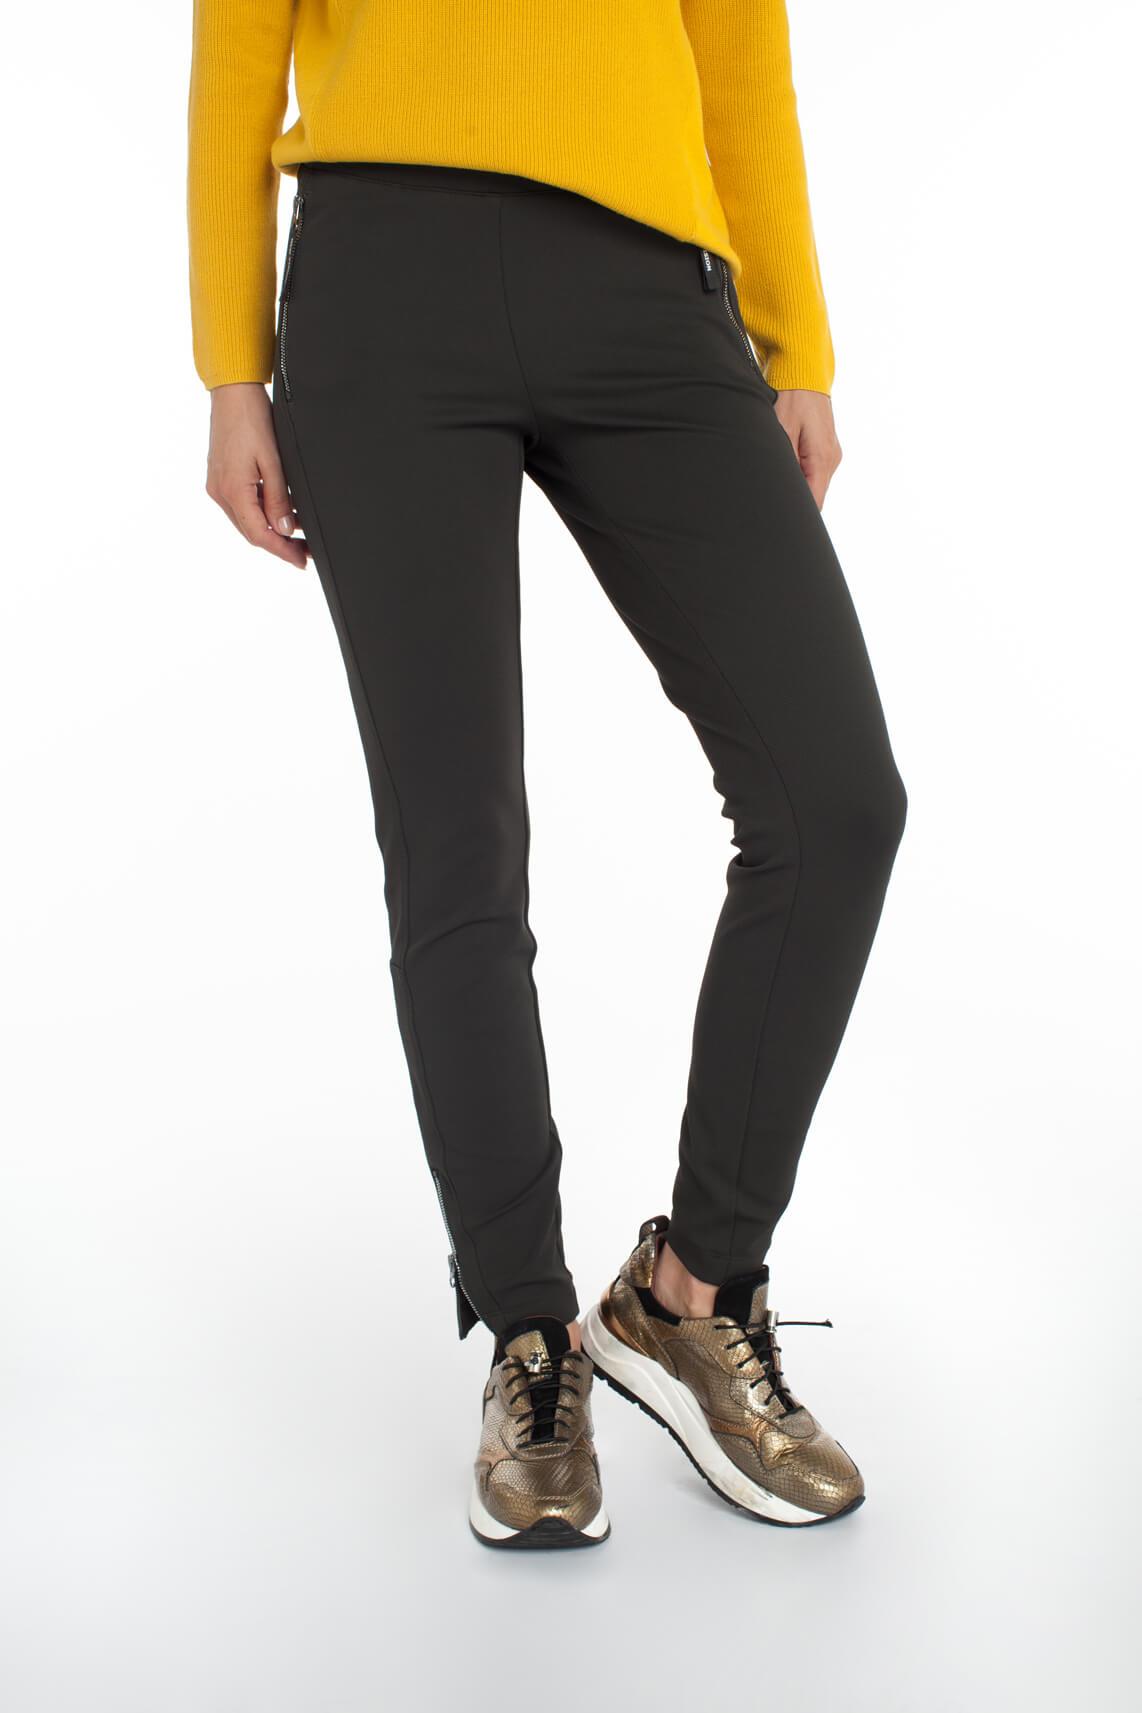 Cambio Dames Racer broek met ritsen groen